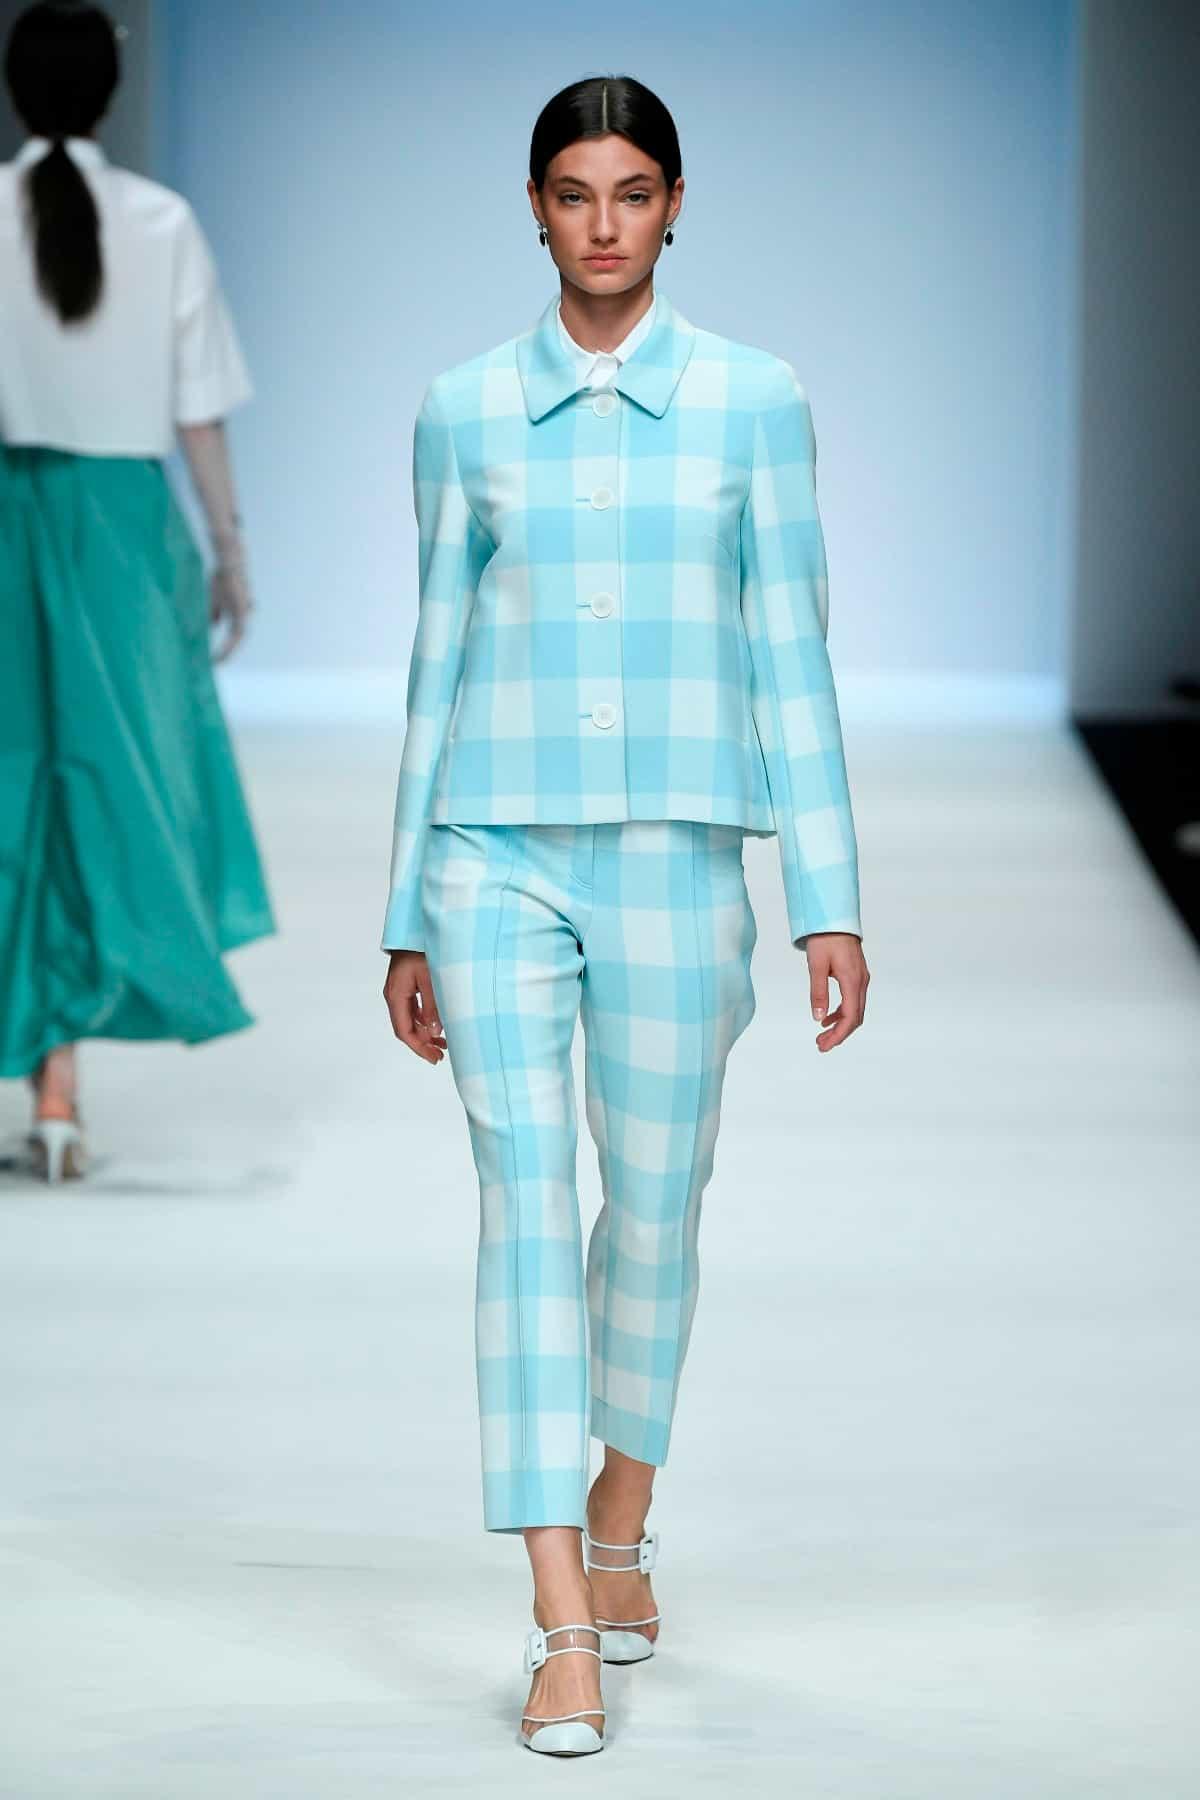 Mode von Riani Kollektion Frühjahr-Sommer 2020 zur Fashion Week Berlin im Juli 2019 - 7